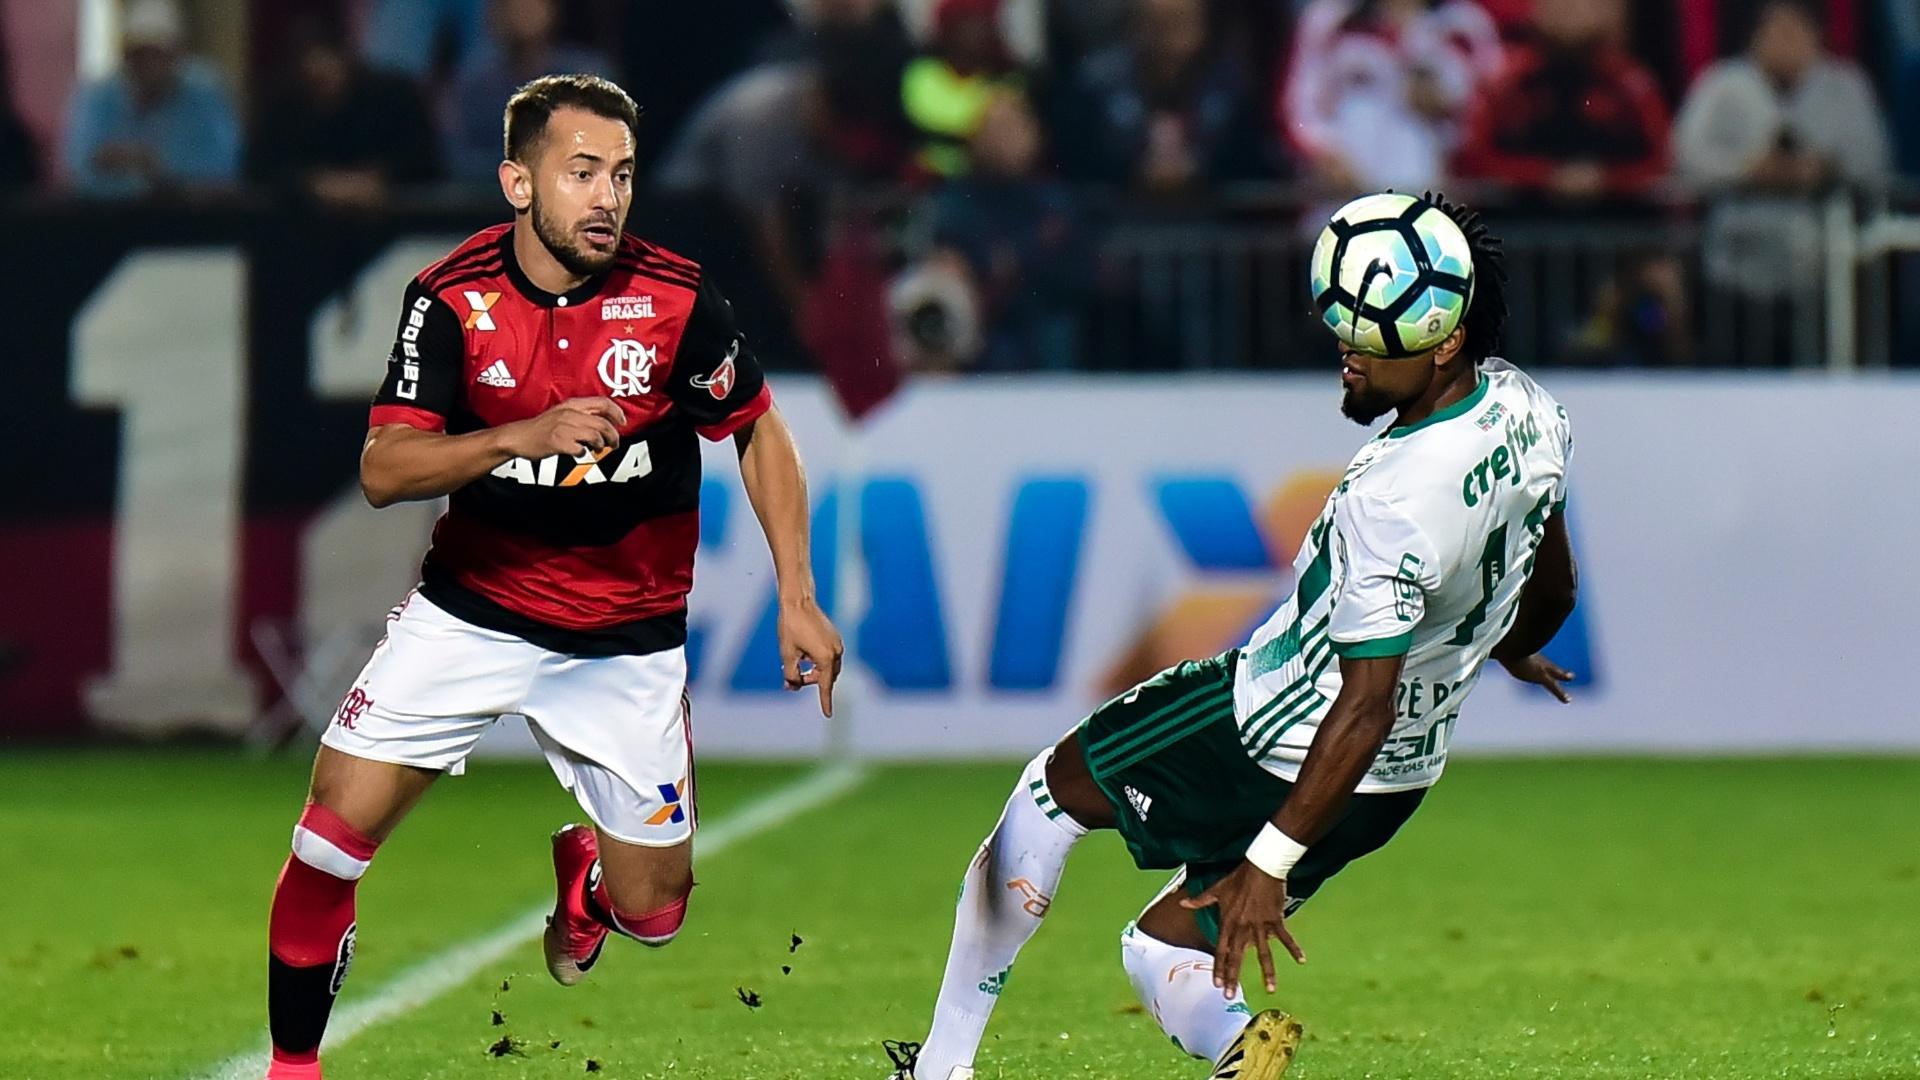 Everton Ribeiro passa pela marcação de Zé Roberto